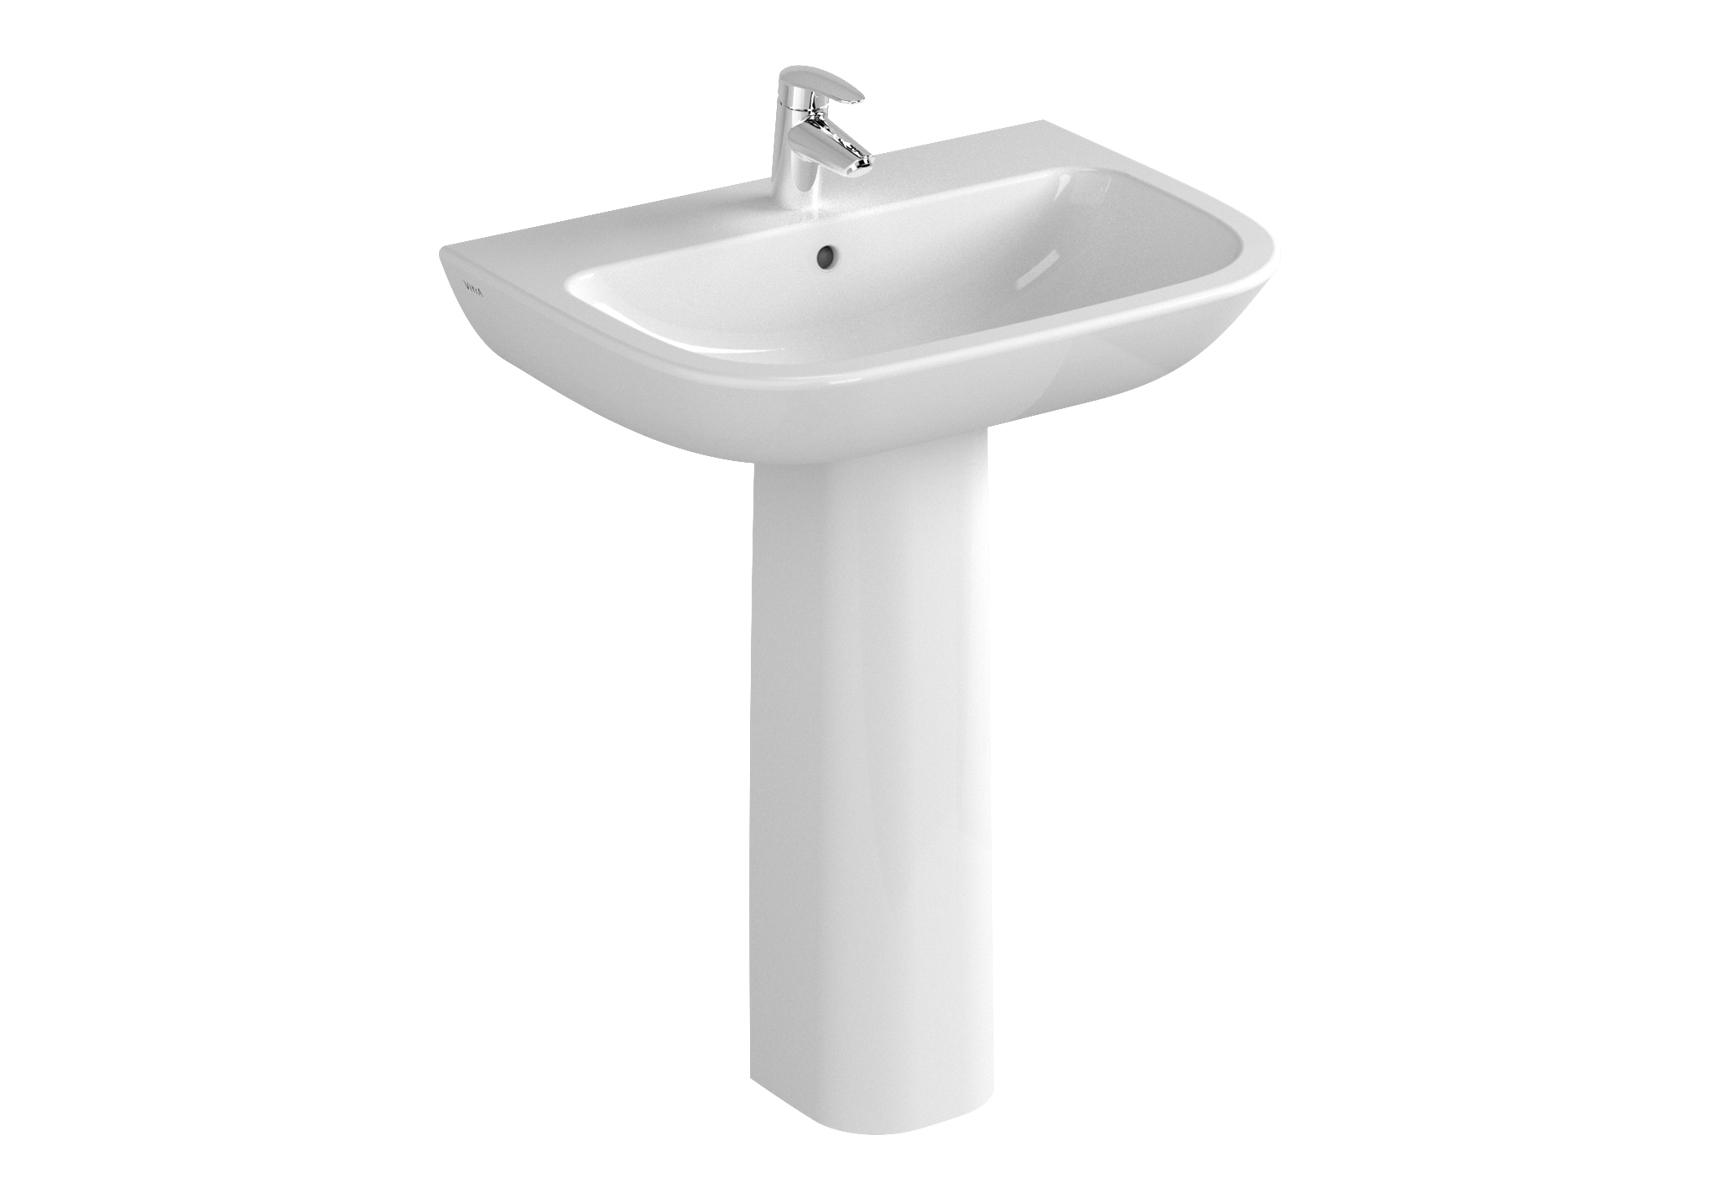 S20 Waschtisch, 65 cm, ohne Hahnloch, mit Überlaufloch, Weiß